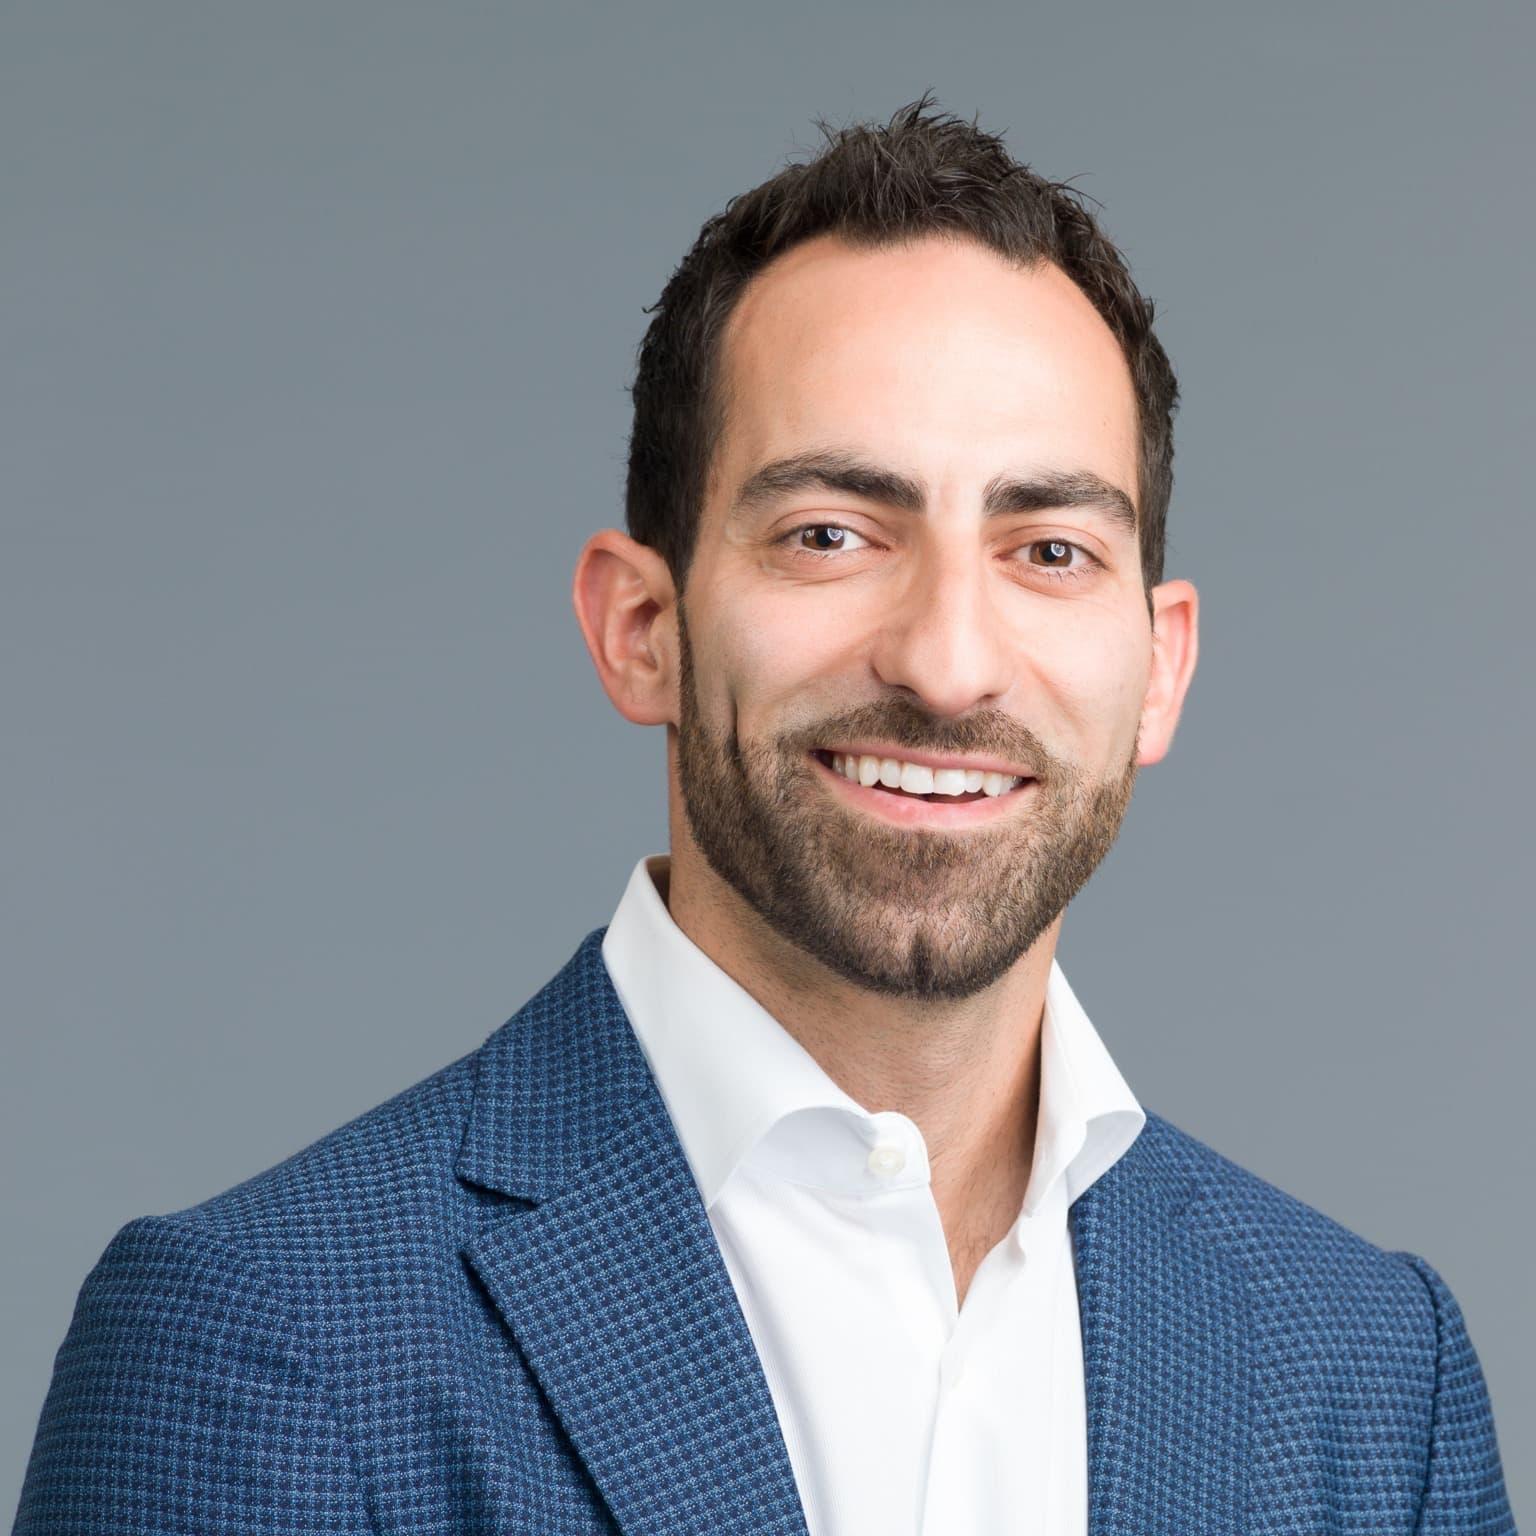 Joe Piraino